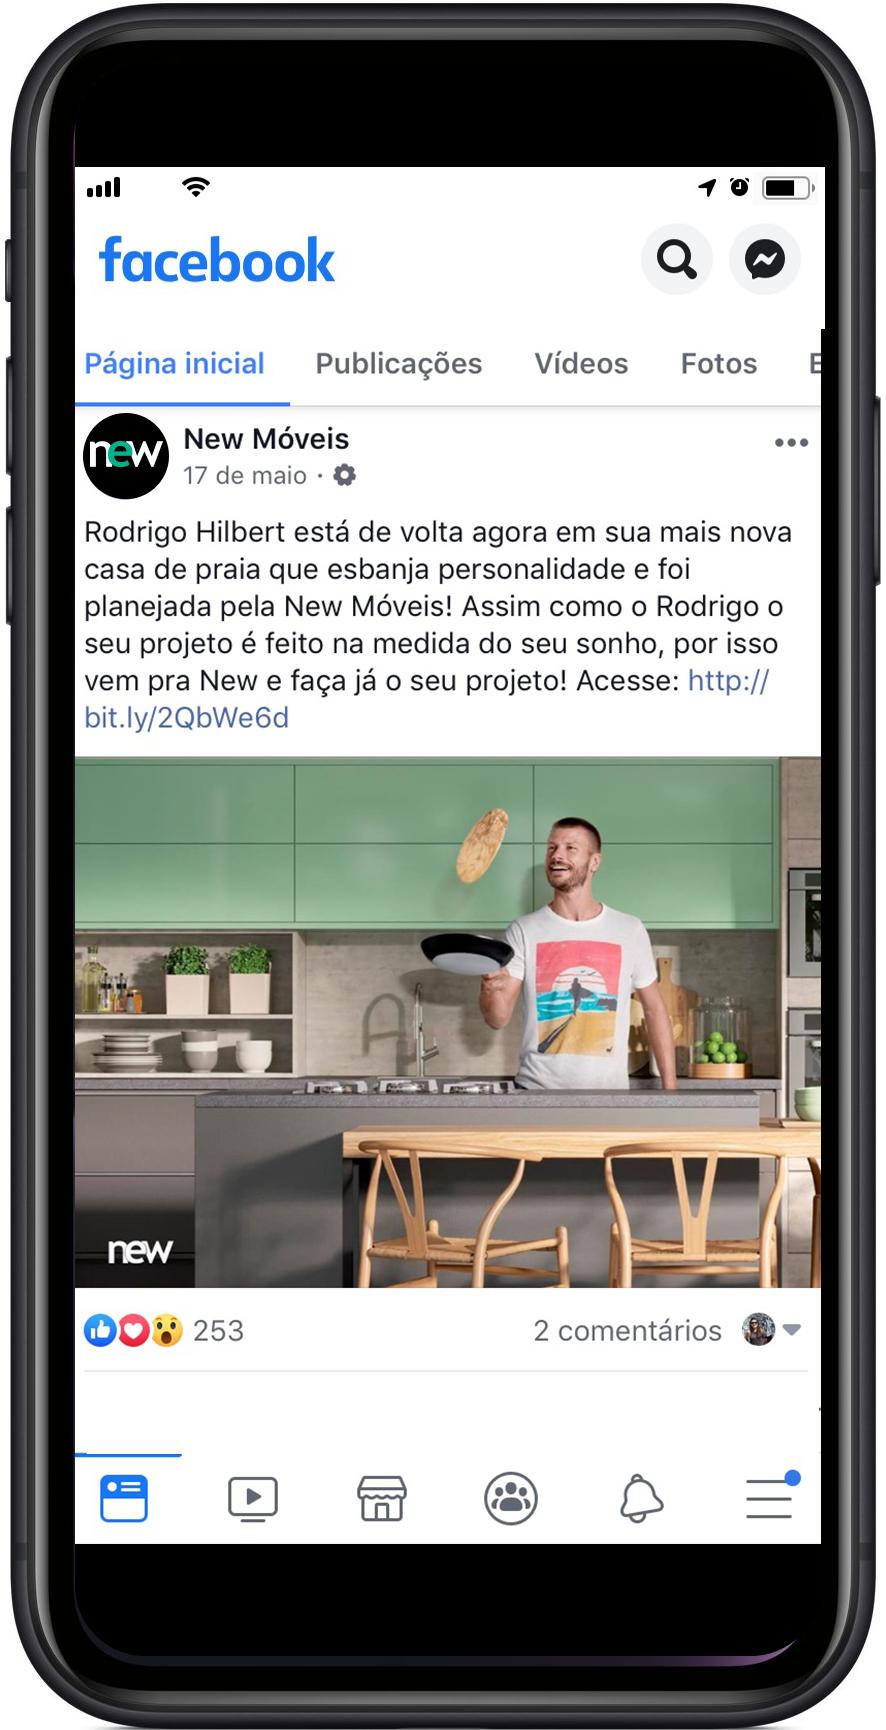 New Móveis Facebook